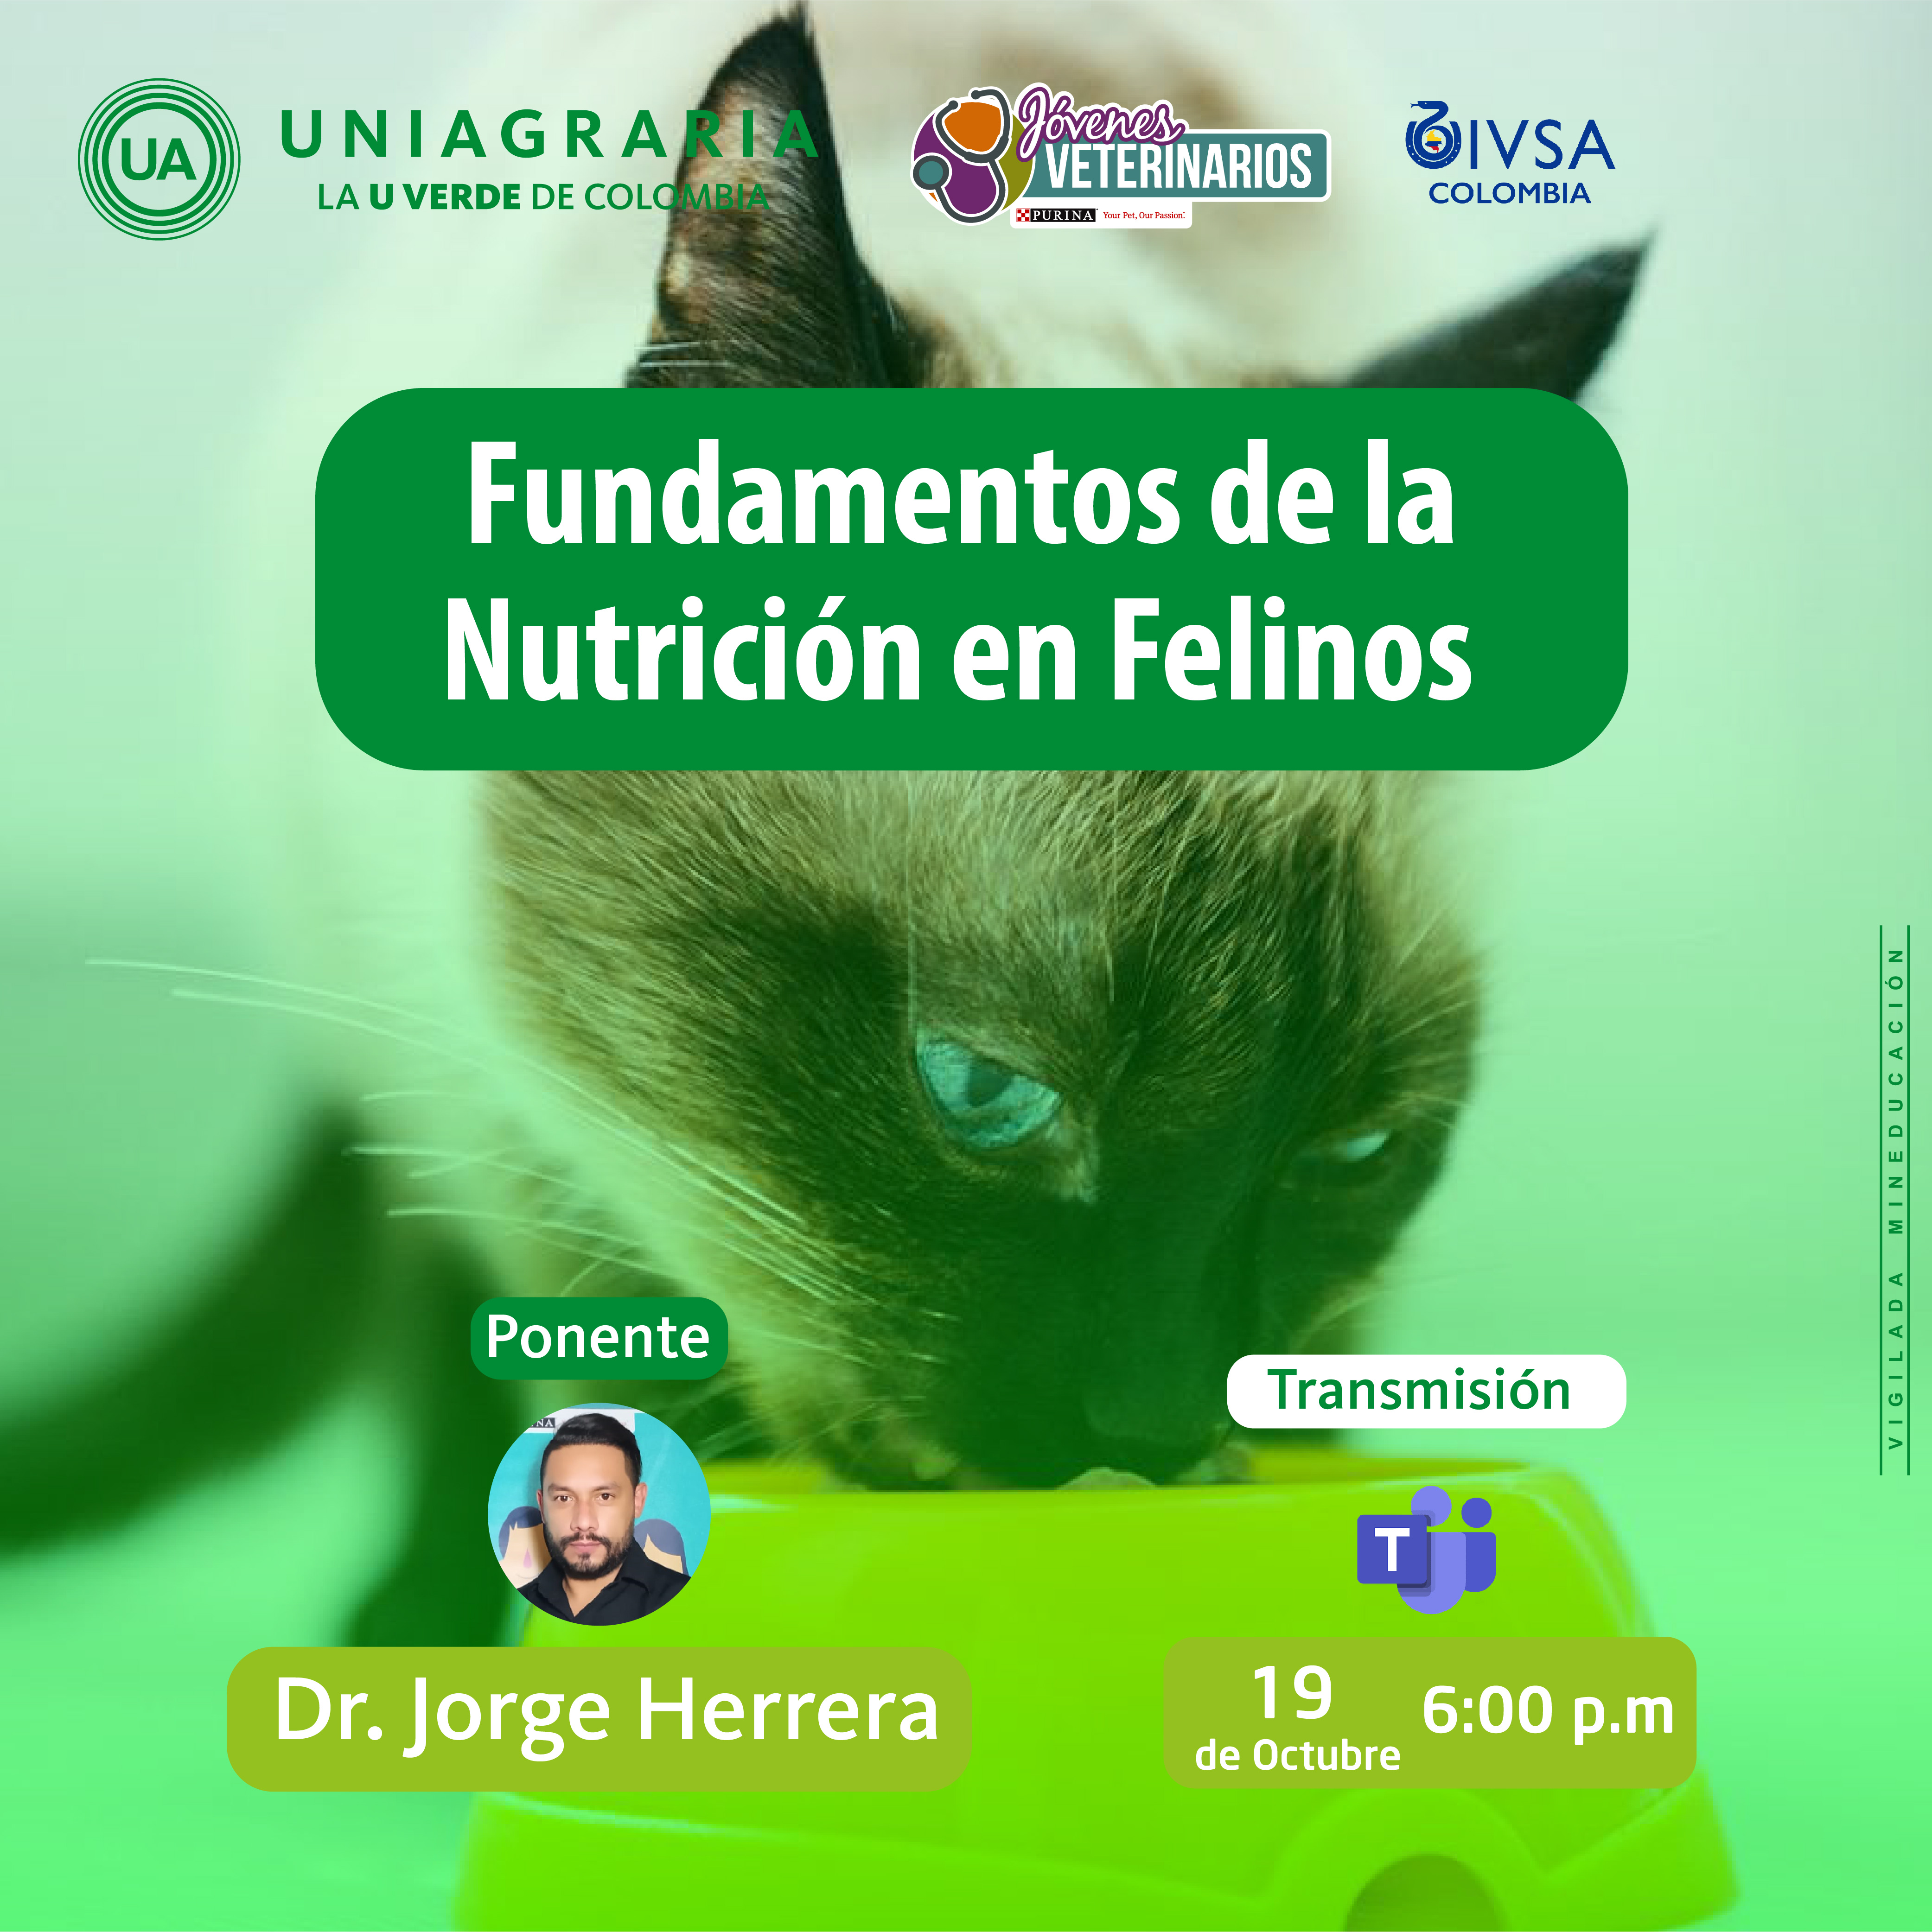 Fundamentos de la Nutrición en Felinos